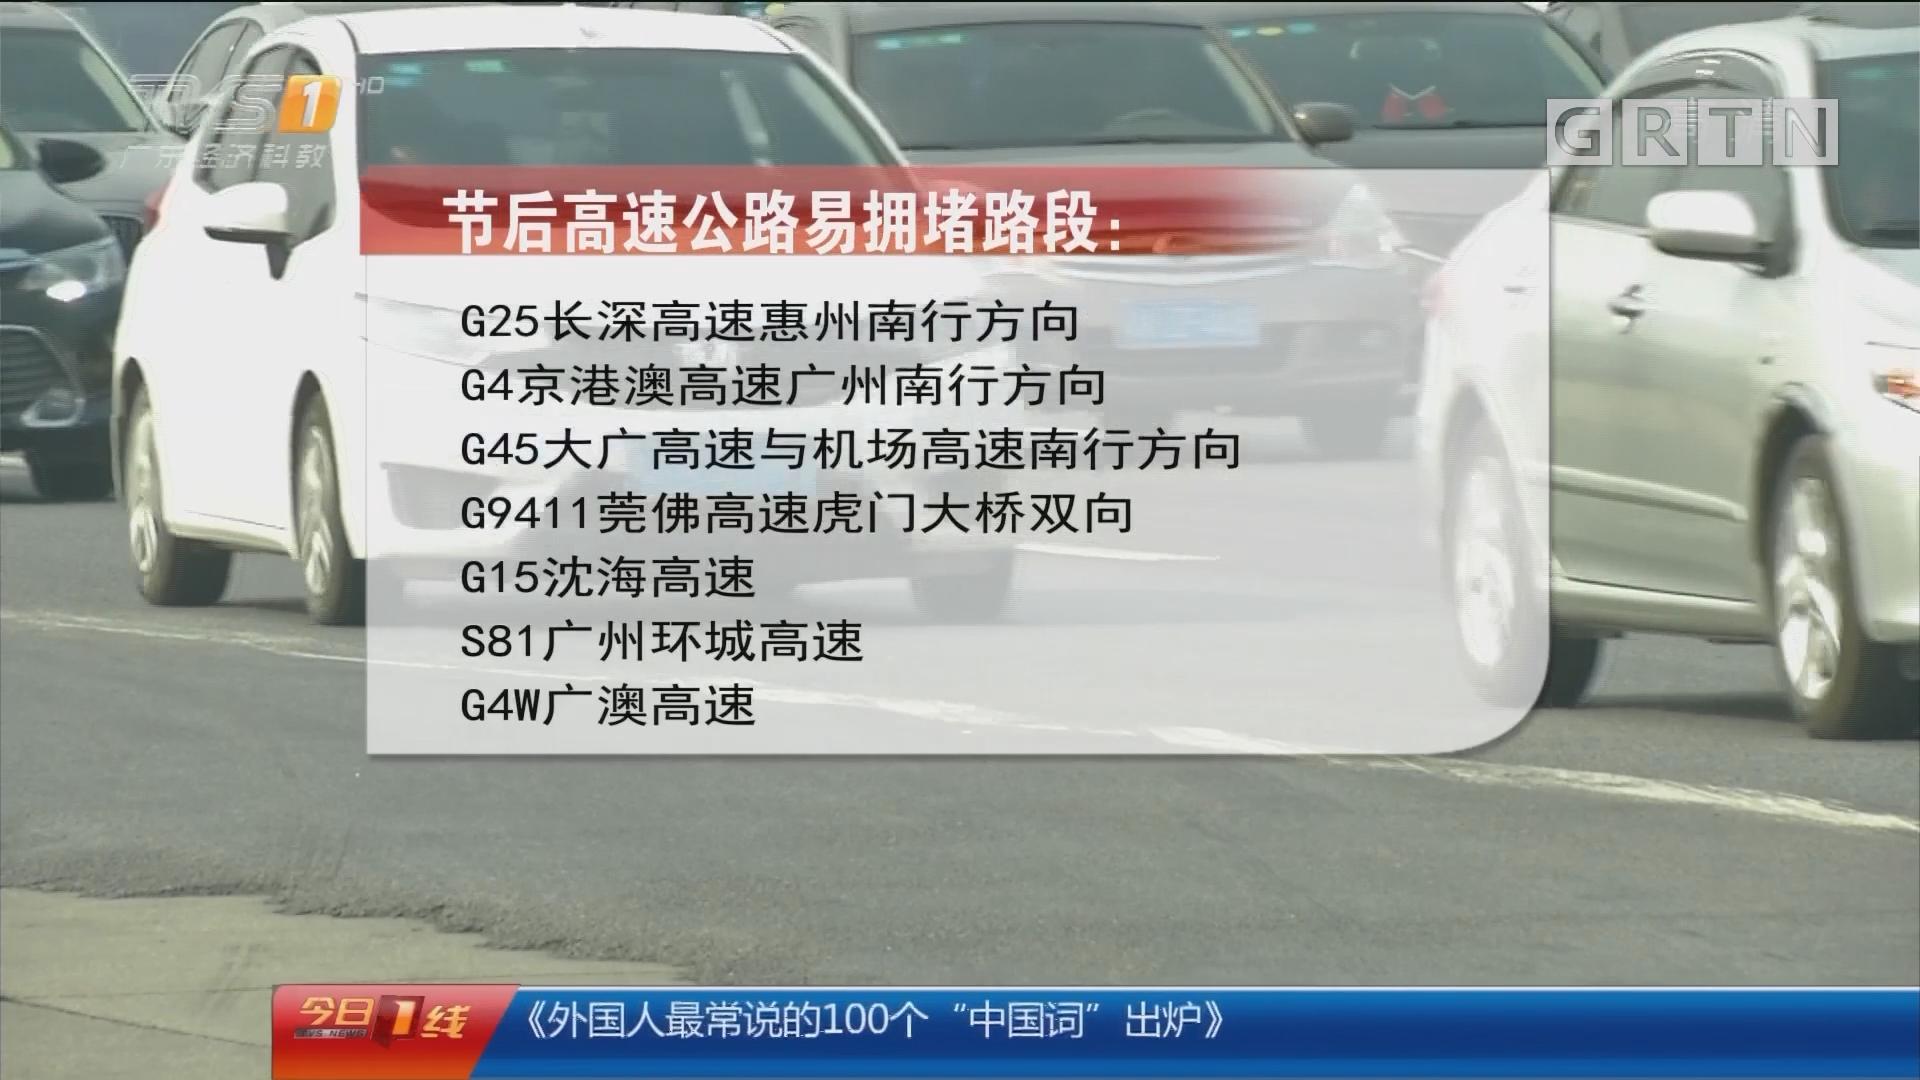 返程高峰:高速迎返程小高峰 粤西粤东车流大